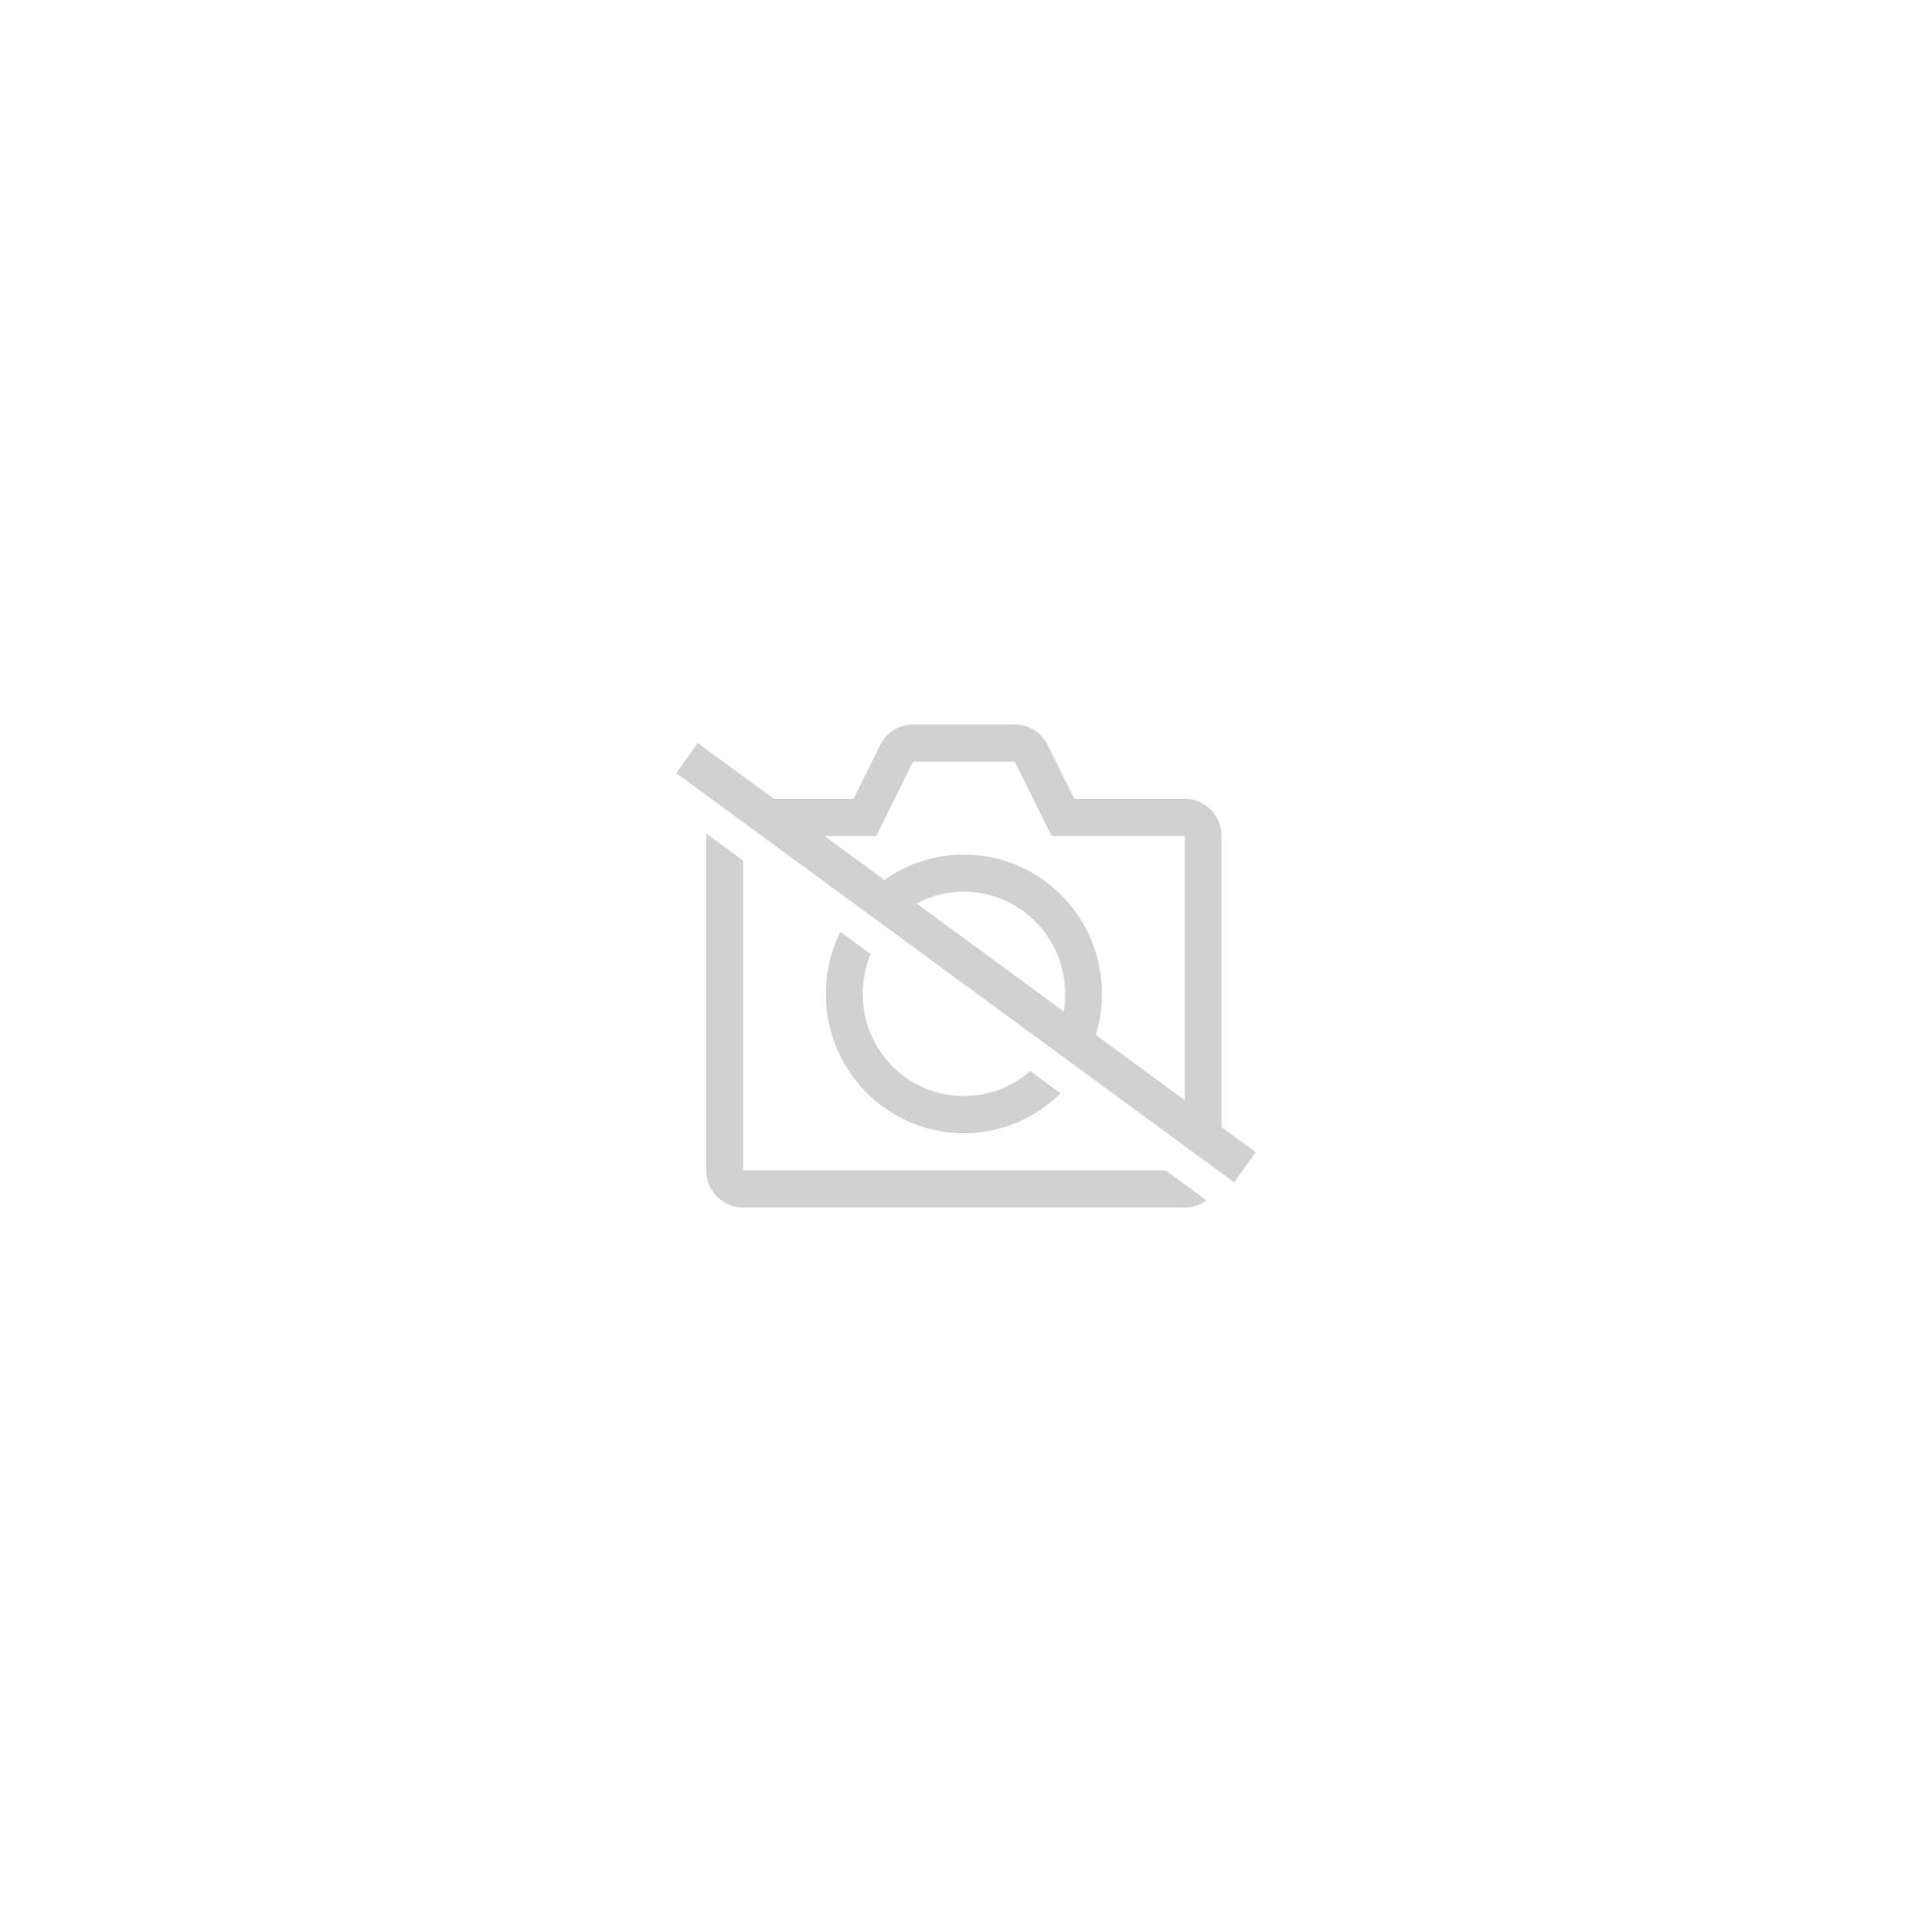 Gamelle Pour Chien Hauteur gamelle pour chien 19cm en melamine deco animal dog